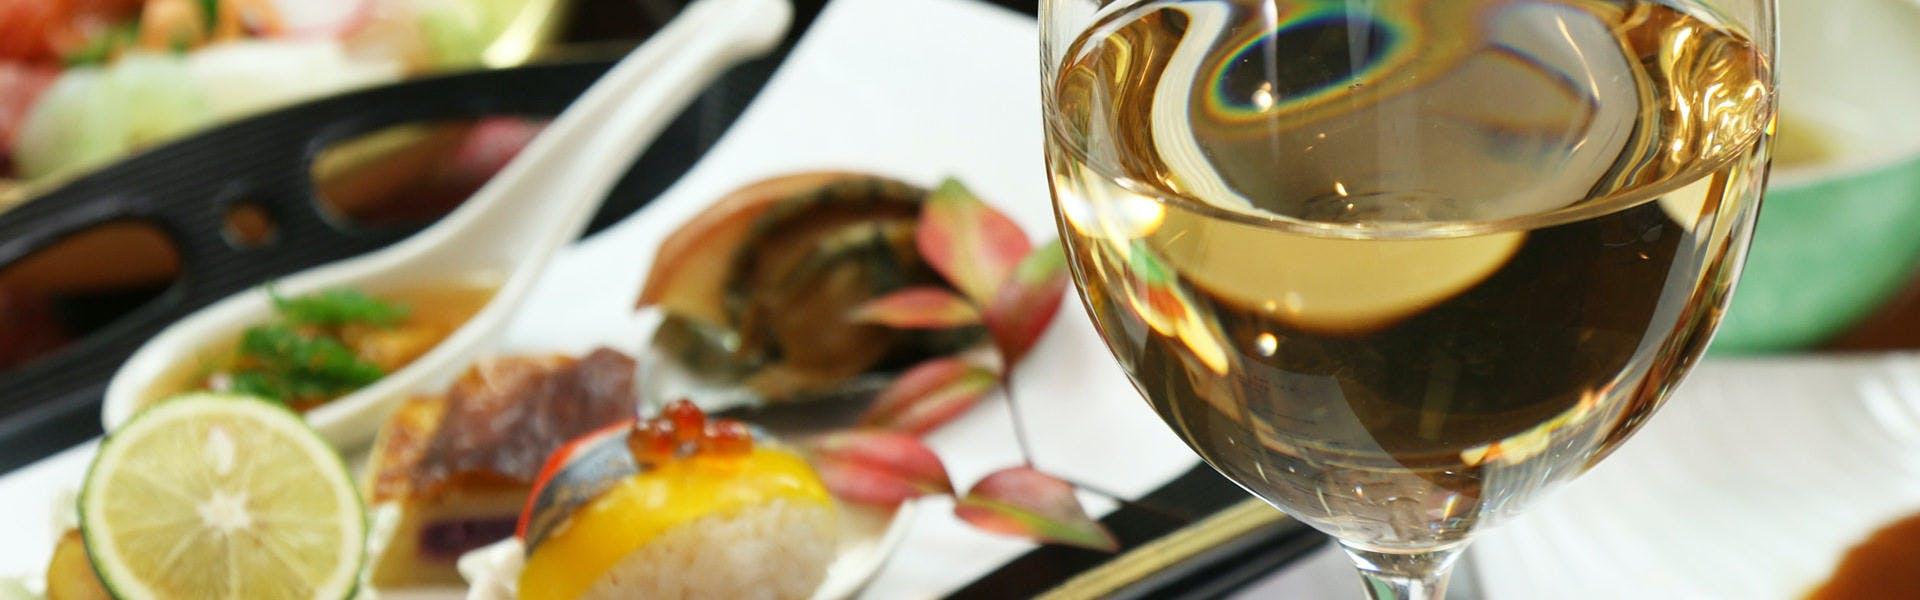 記念日におすすめのホテル・甲州最古の源泉とワインの宿 岩下温泉旅館の写真2